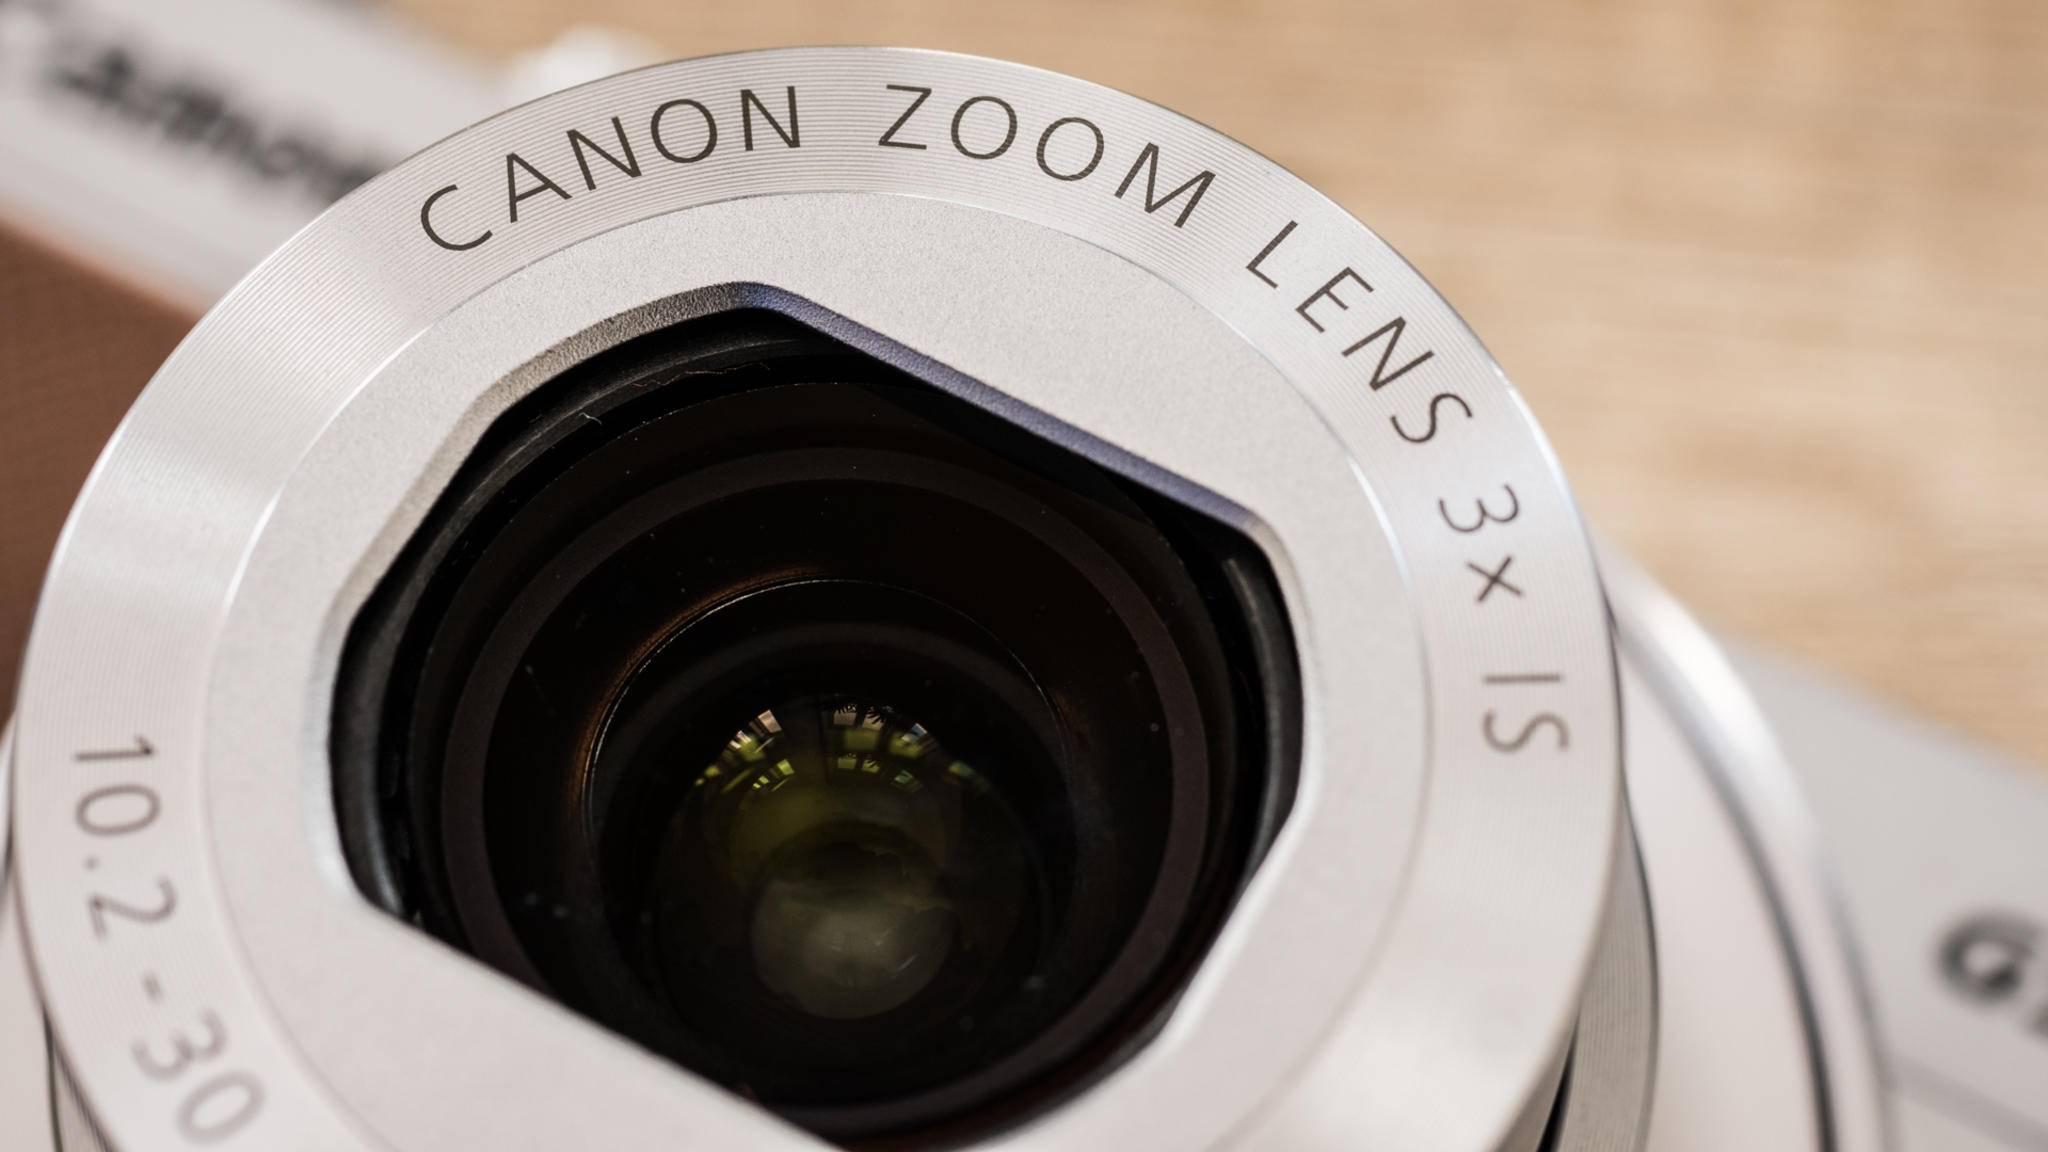 Bei Zoom-Objektiven lässt sich die Brennweite verändern.